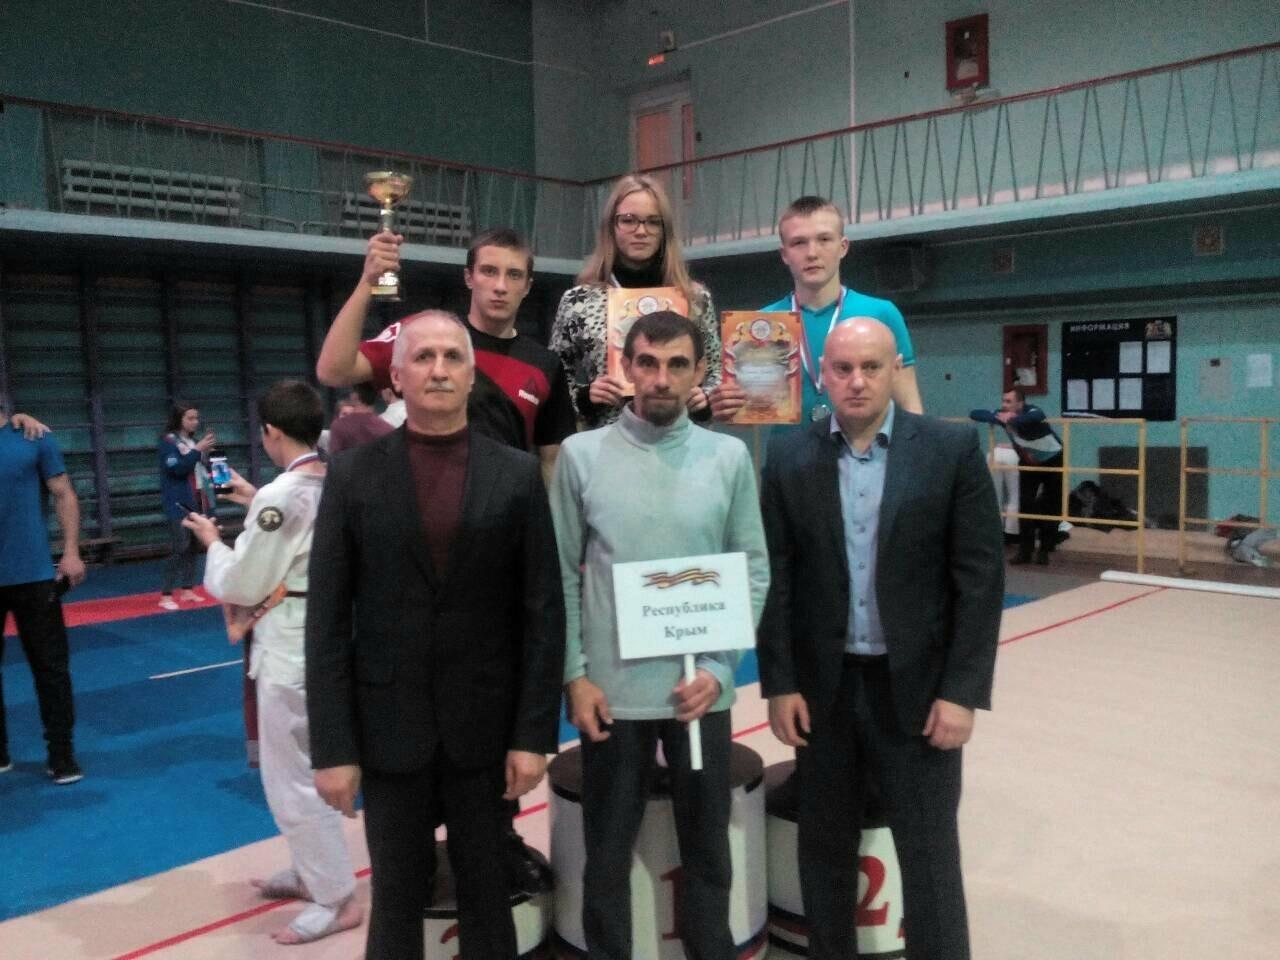 Спортсмены из Ялты завоевали золото и серебро на соревнованиях по рукопашному бою, фото-1